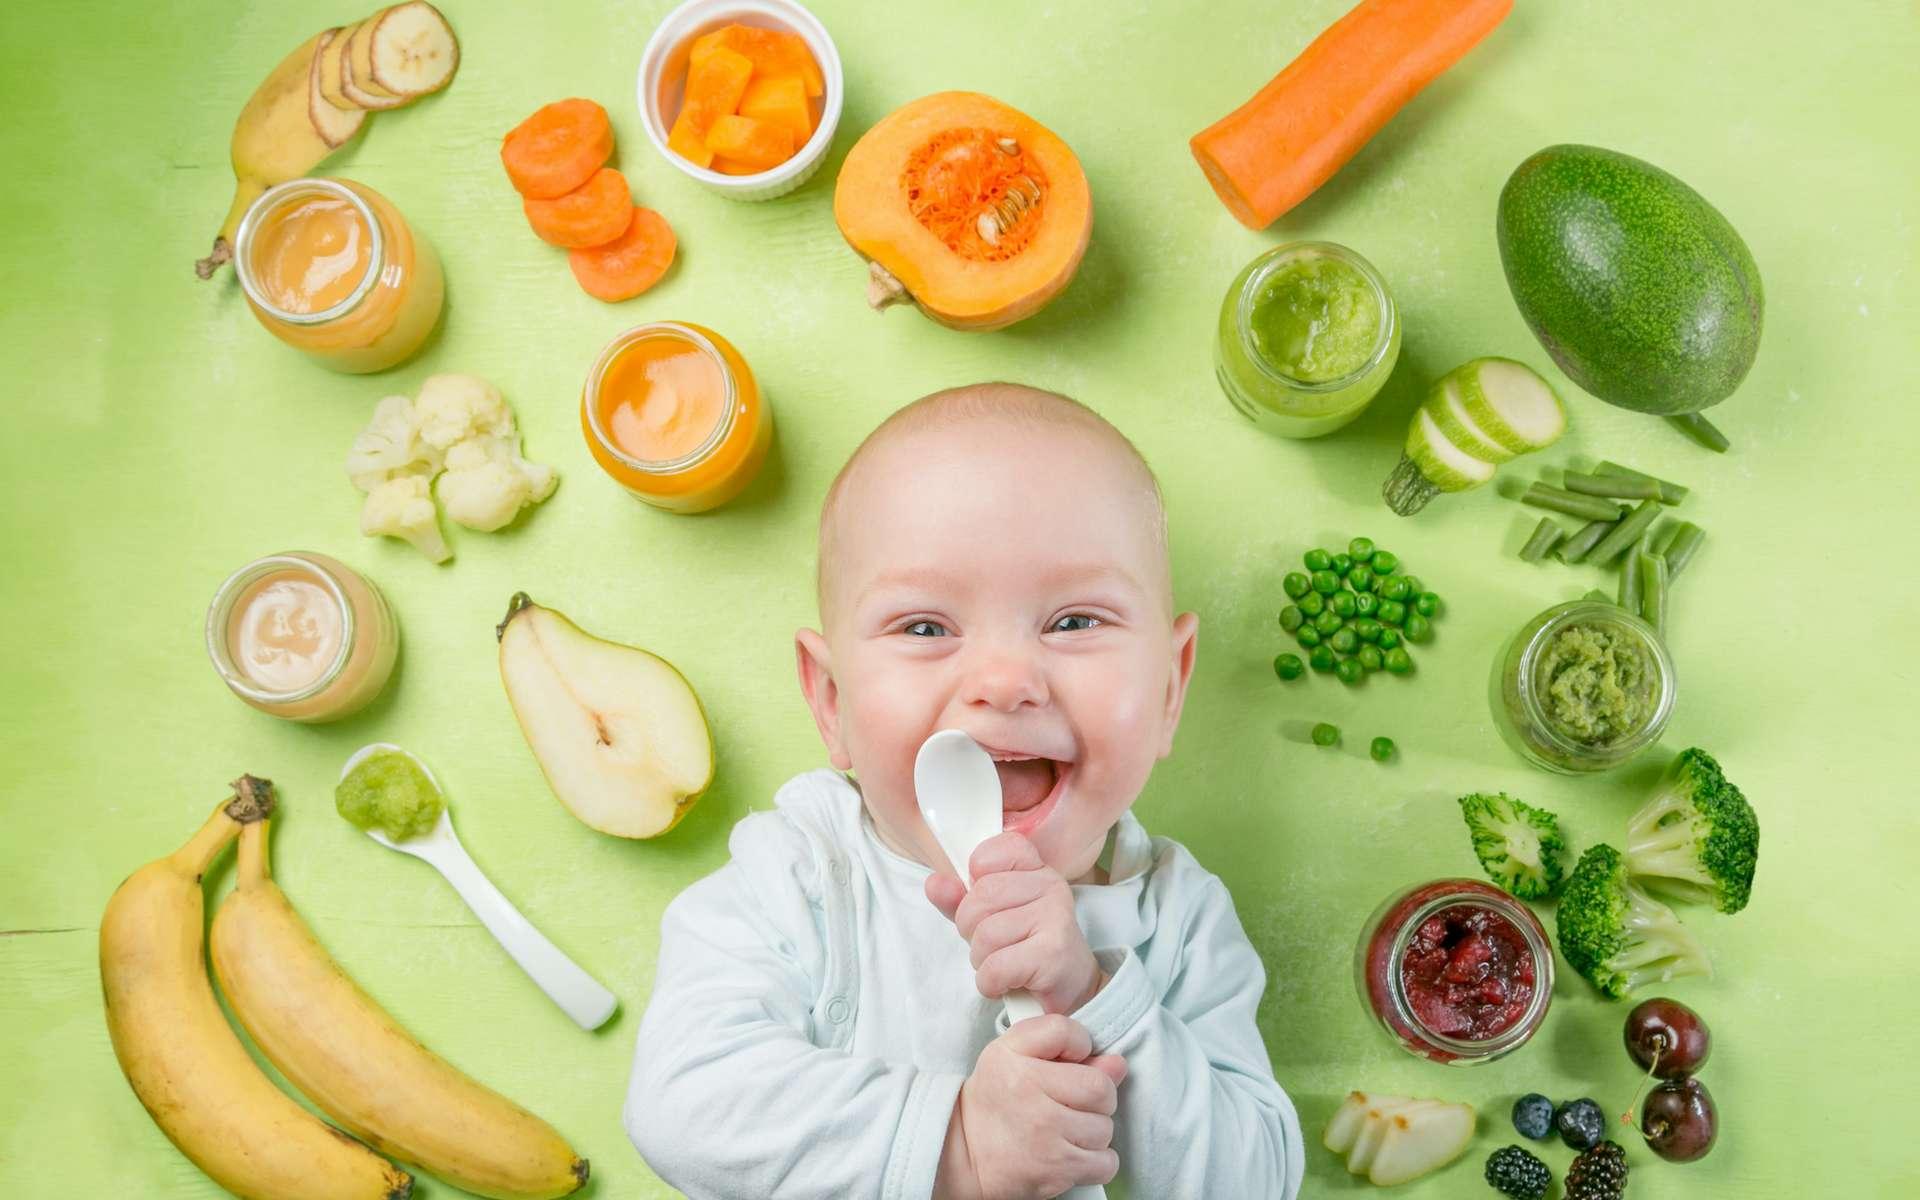 Alimentation du bébé : à quel âge introduire les aliments ? © anaumenko, Adobe Stock